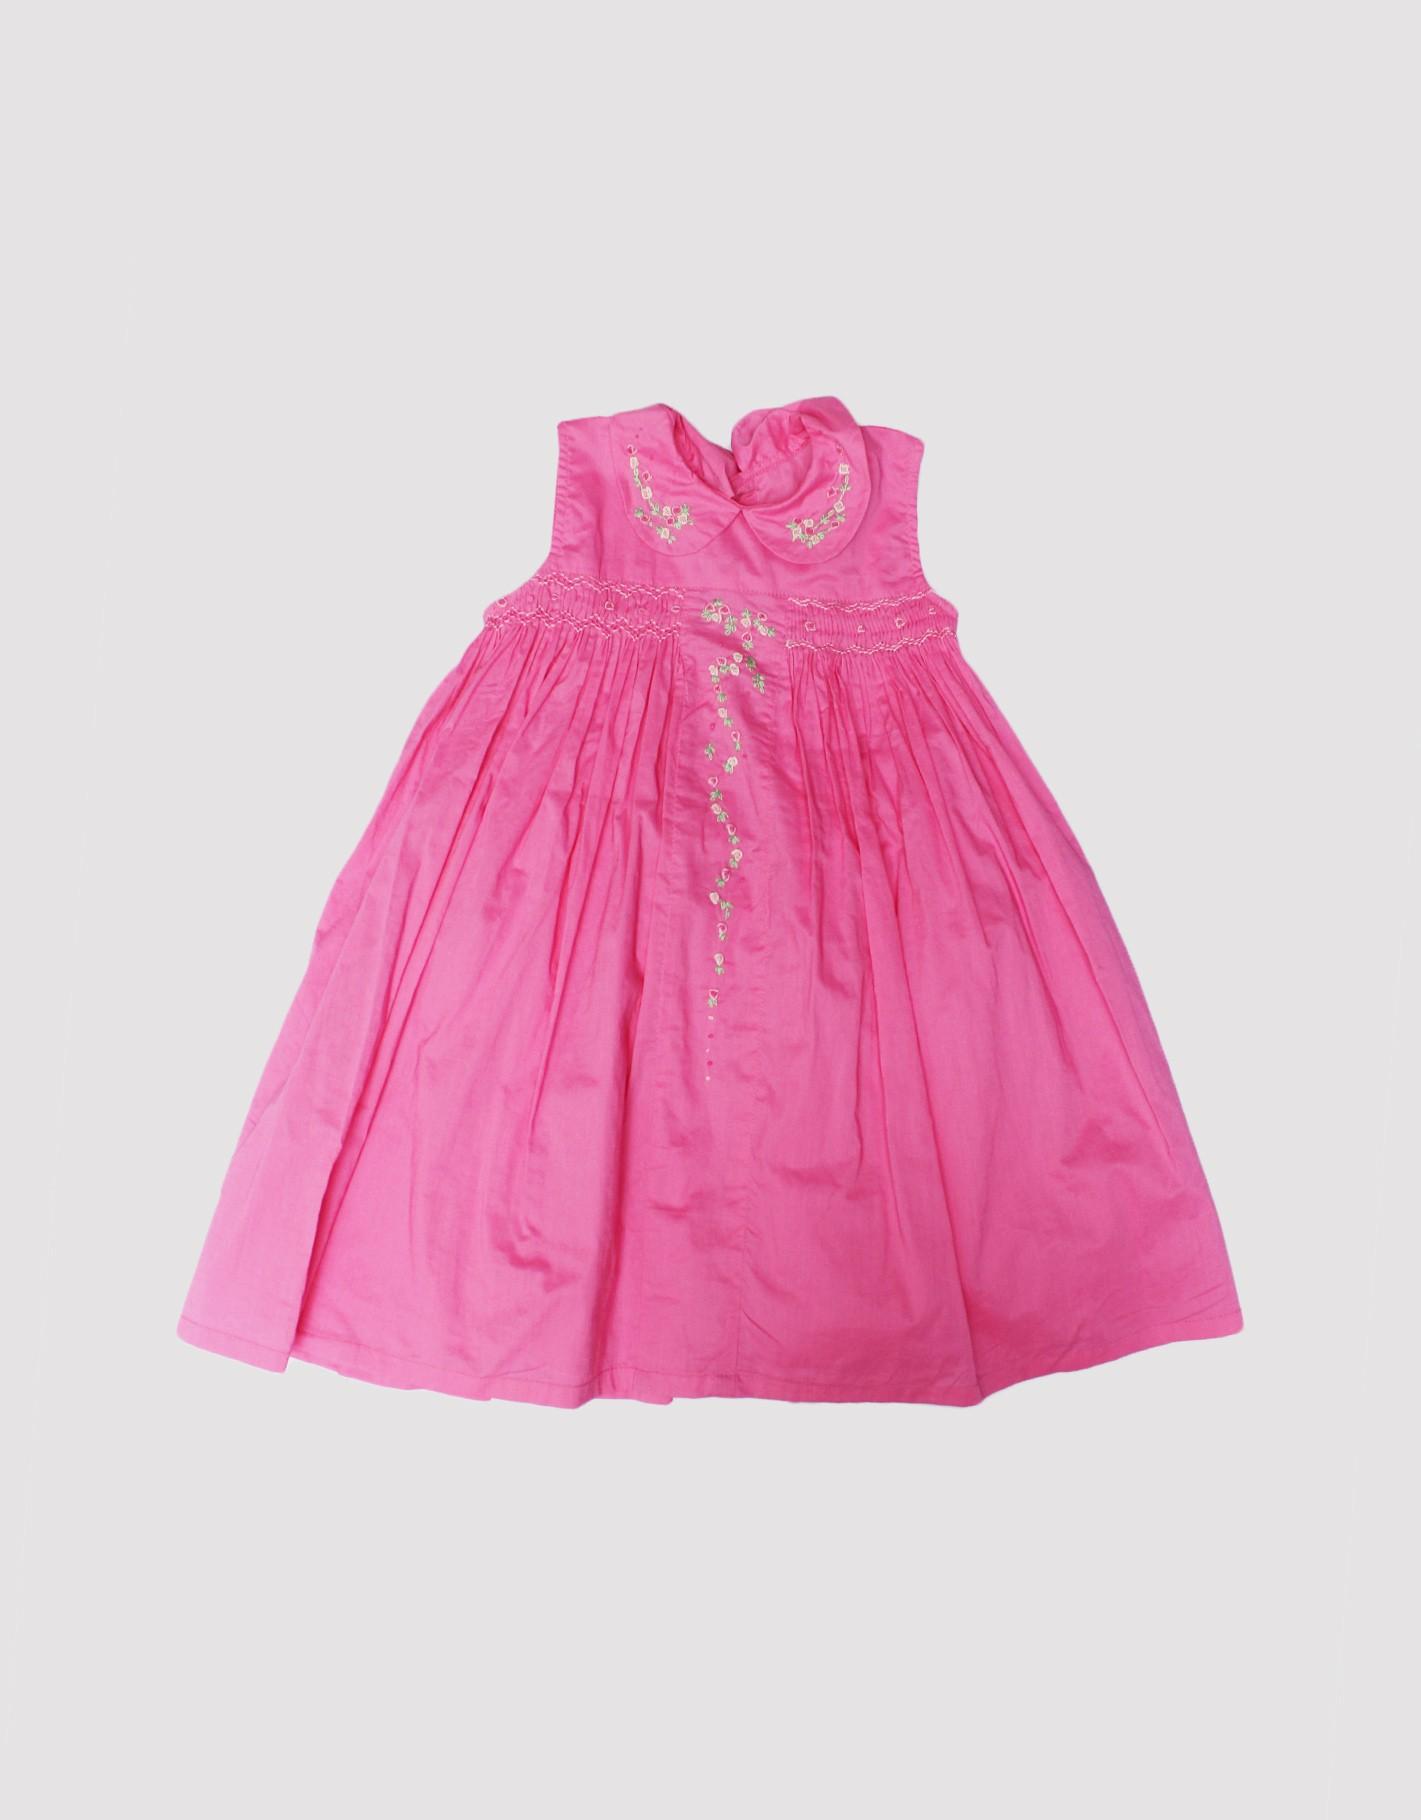 Minnie-Minors-baby-t-shirt-9